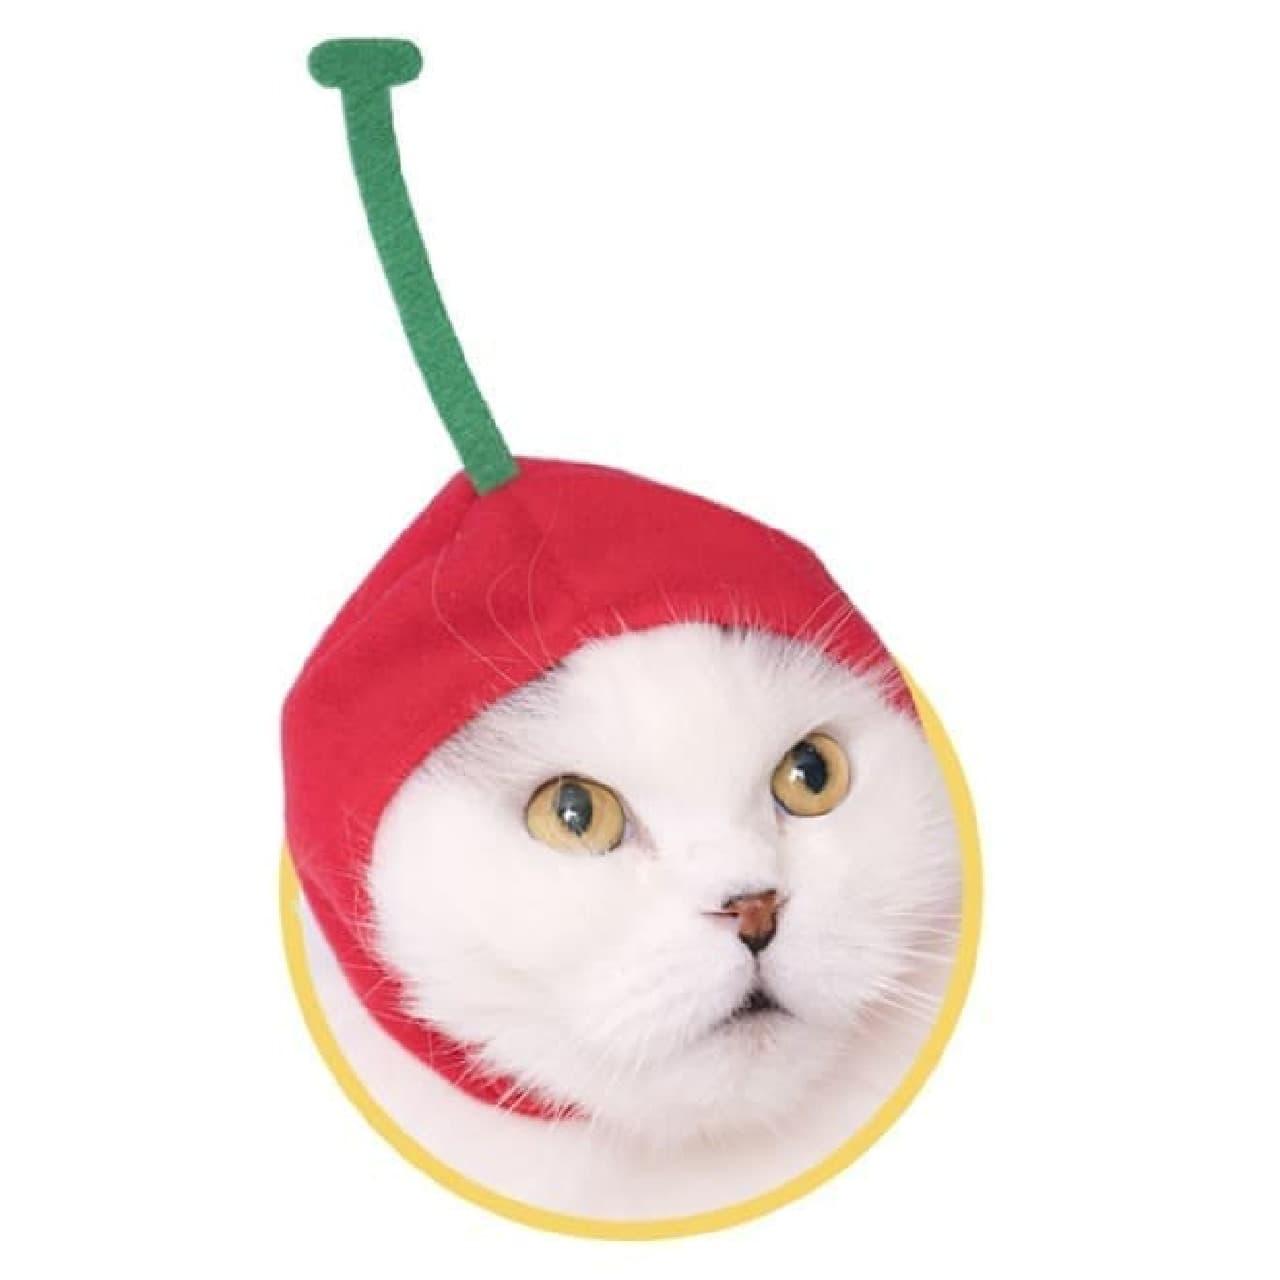 カプセルトイ「ねこのかぶりものシリーズ」第20弾「ねこのフルーツちゃん2」